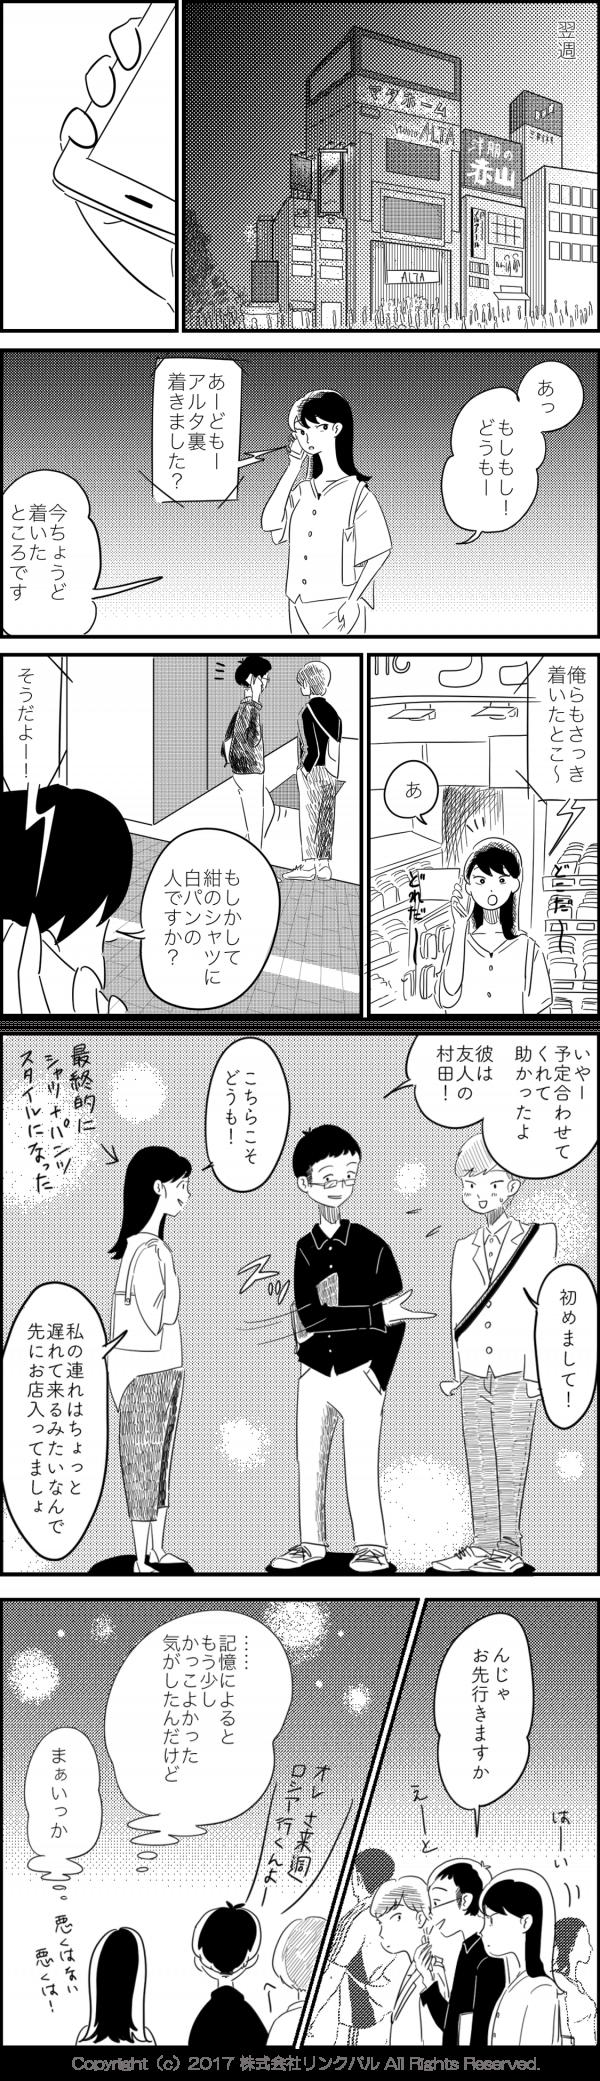 「あっもしもし!どうもー」 「あーどもーアルタ裏着きました?」 「今ちょうど着いたところです」 「俺らもさっき着いたとこ〜」 「あ もしかして紺のシャツに白パンの人ですか?」 「そうだよー!」 「いやー予定合わせてくれてどうもありがとう! 彼は友人の村田!」 「初めまして!」 「こちらこそどうもー 私の連れはちょっと遅れて来るみたいなんで先にお店入ってましょ」 「んじゃお先行きますかー」 (・・・・・記憶によるともう少しかっこよかった気がしたんだけど まぁいっか)